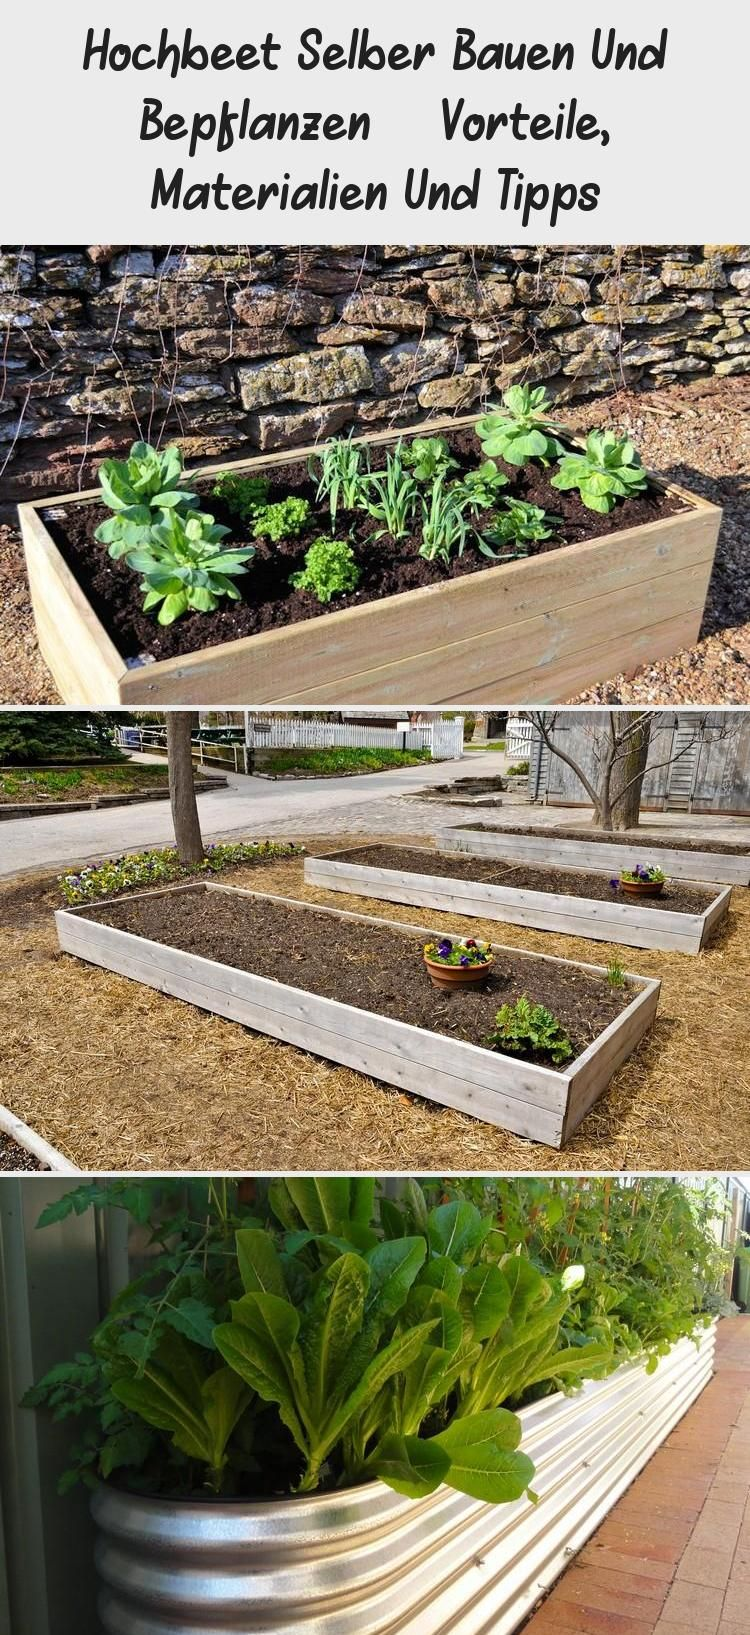 Hochbeet Selber Bauen Und Bepflanzen Vorteile Materialien Und Tipps In 2020 Plants Garden